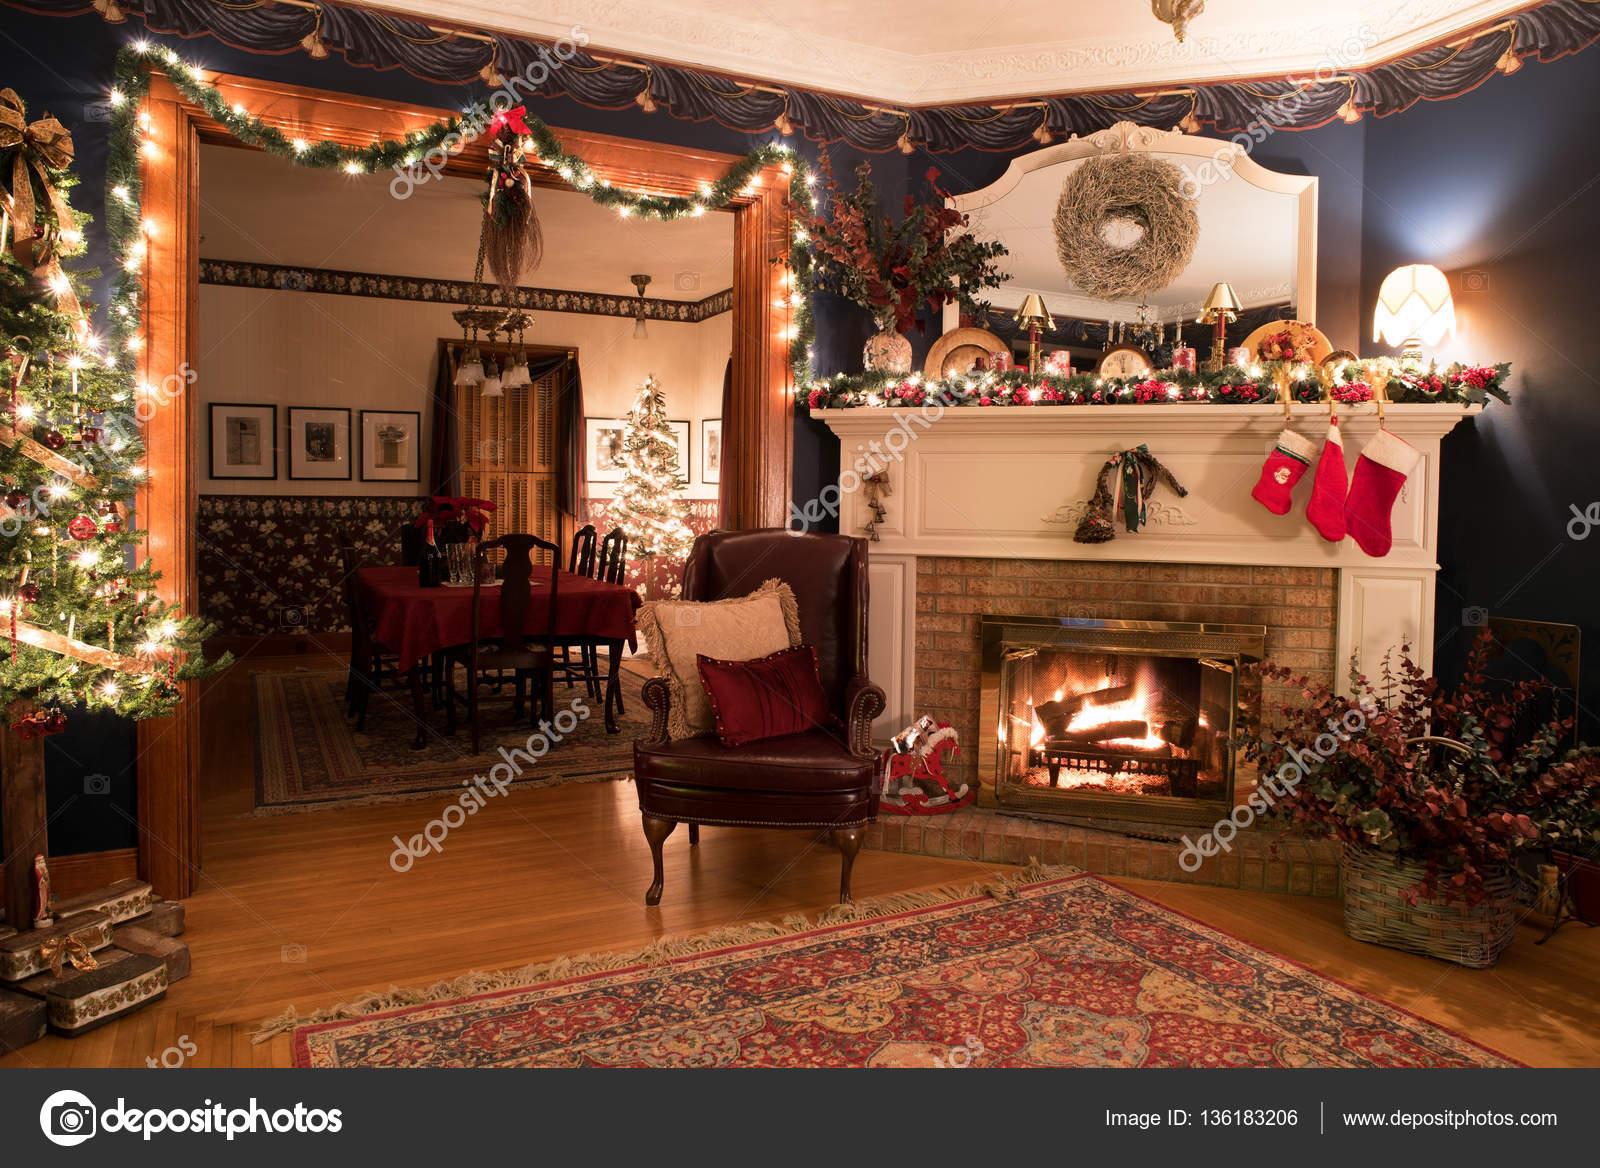 Immagini Natale Vittoriano.Regolazione Di Natale Vittoriano Con Camino Foto Stock C Lawcain